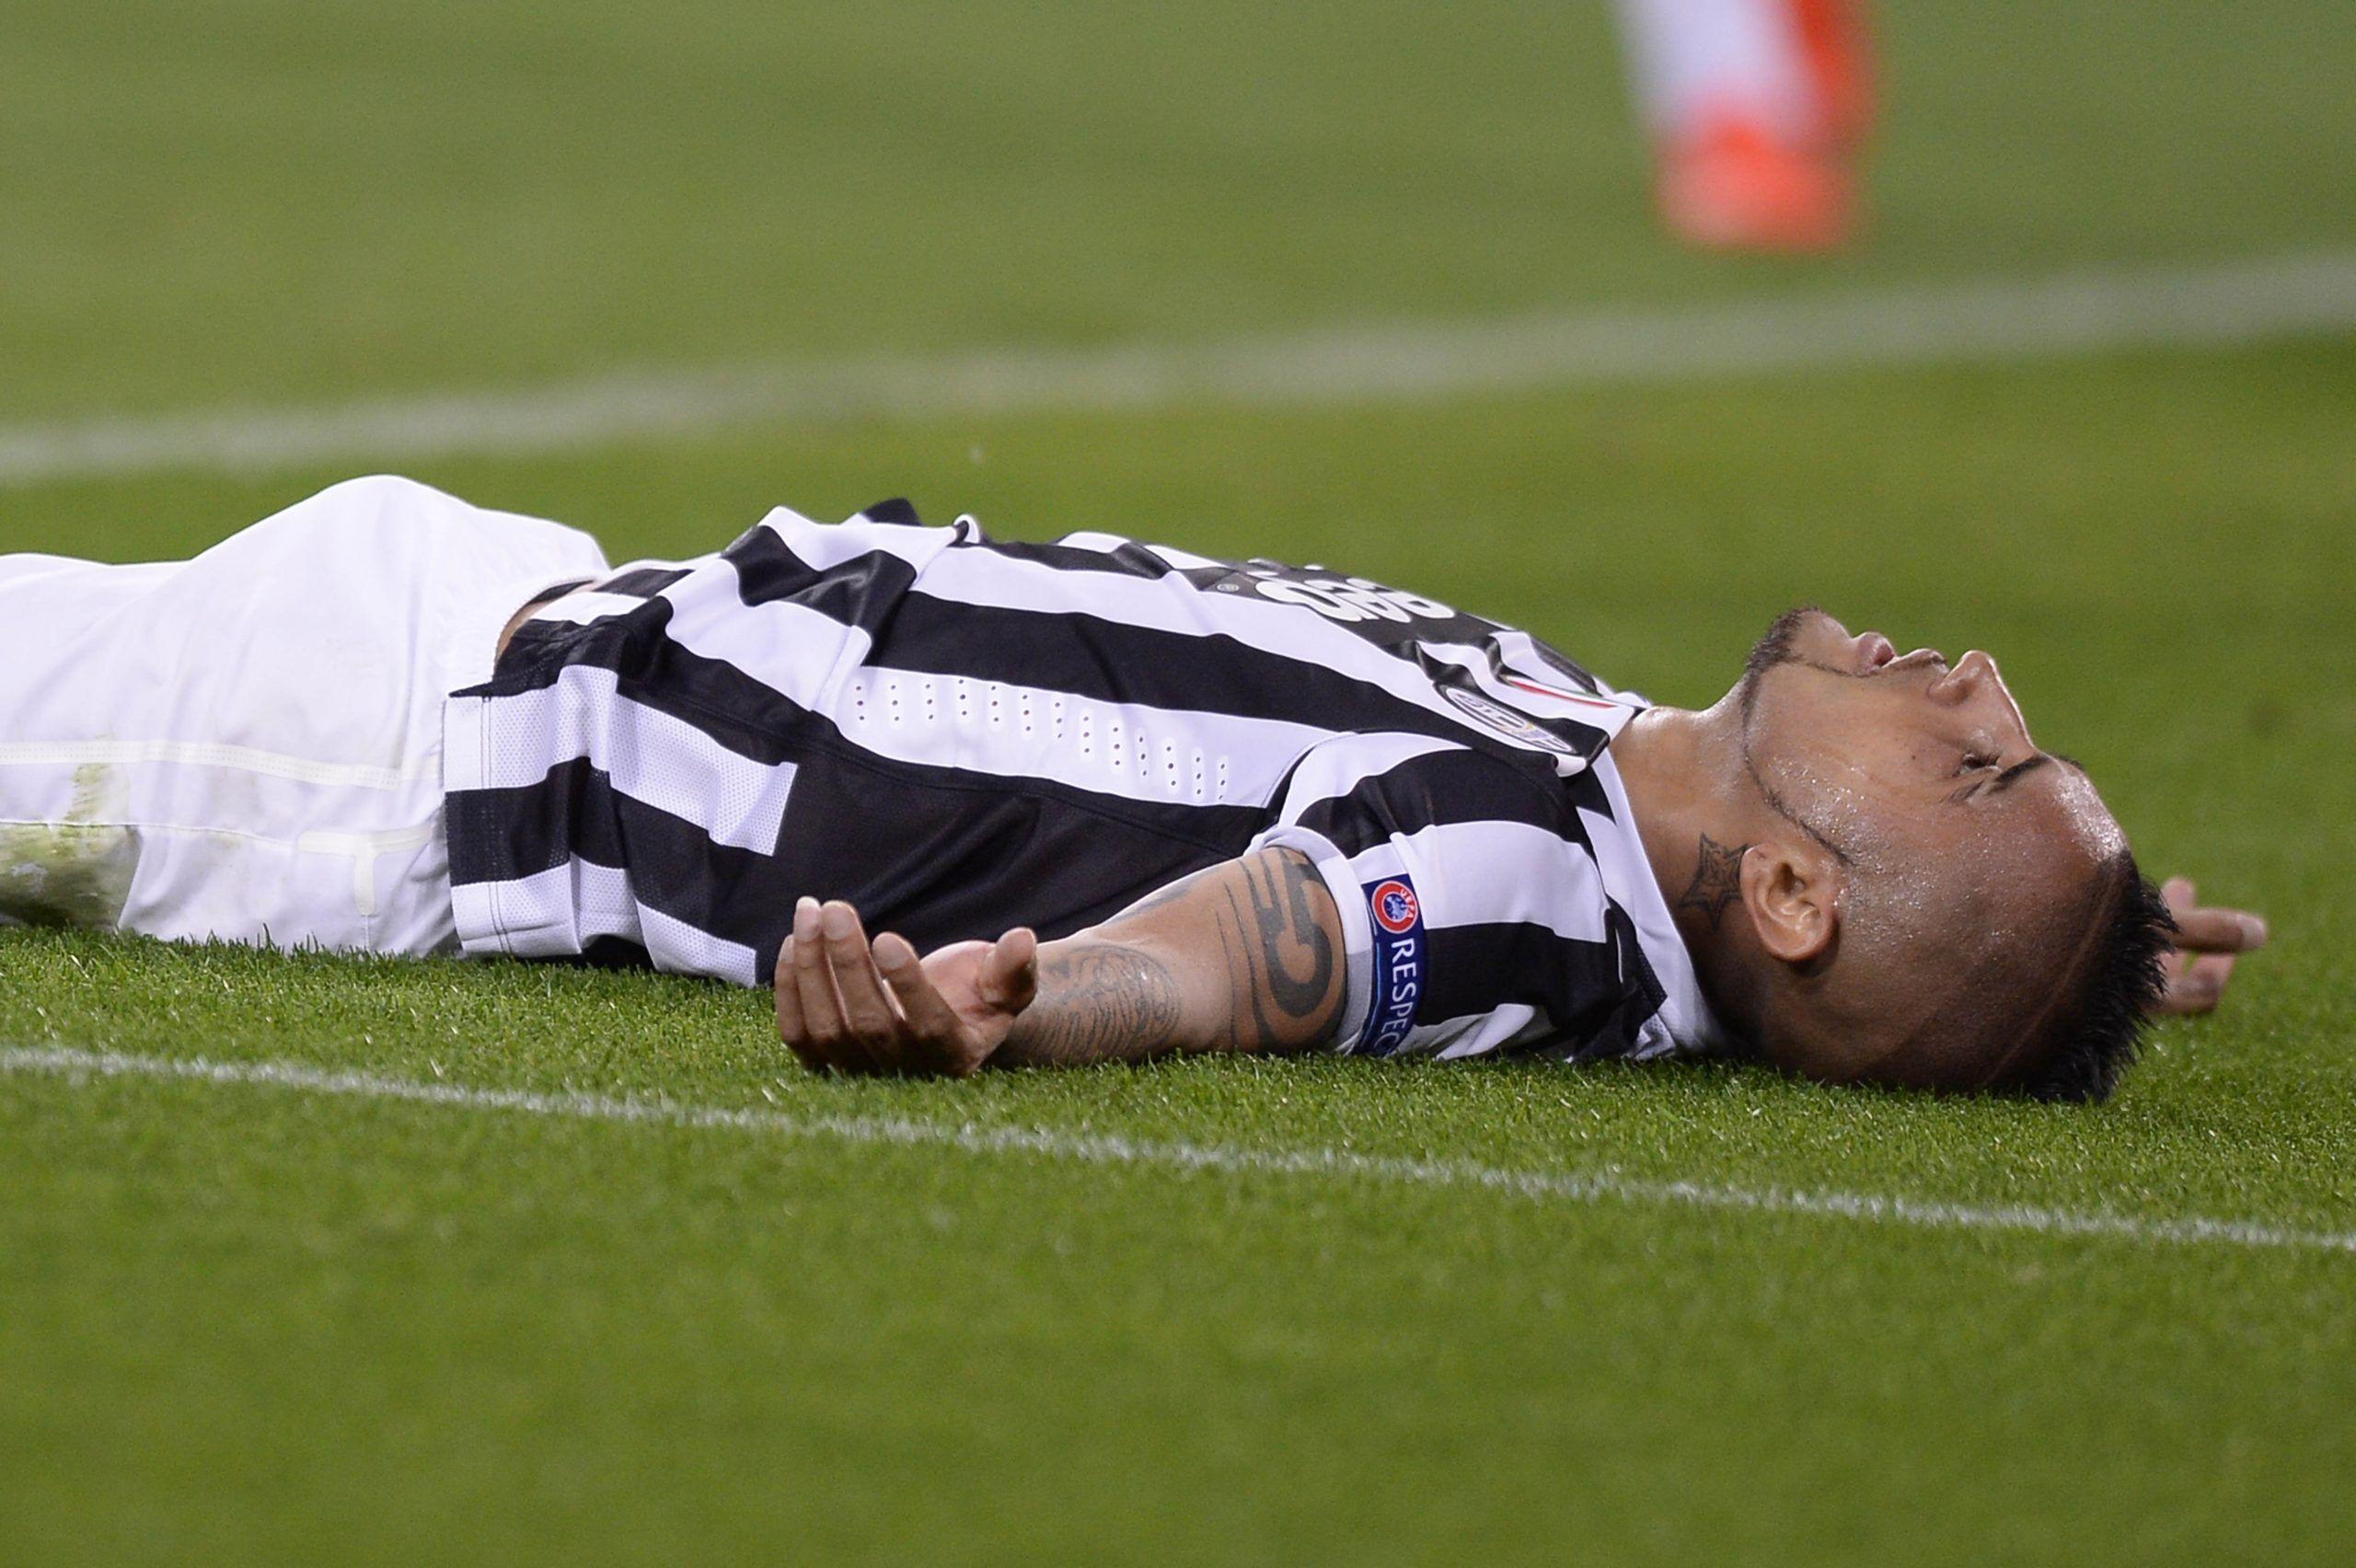 Europa League, Juventus-Benfica 0-0: addio al sogno